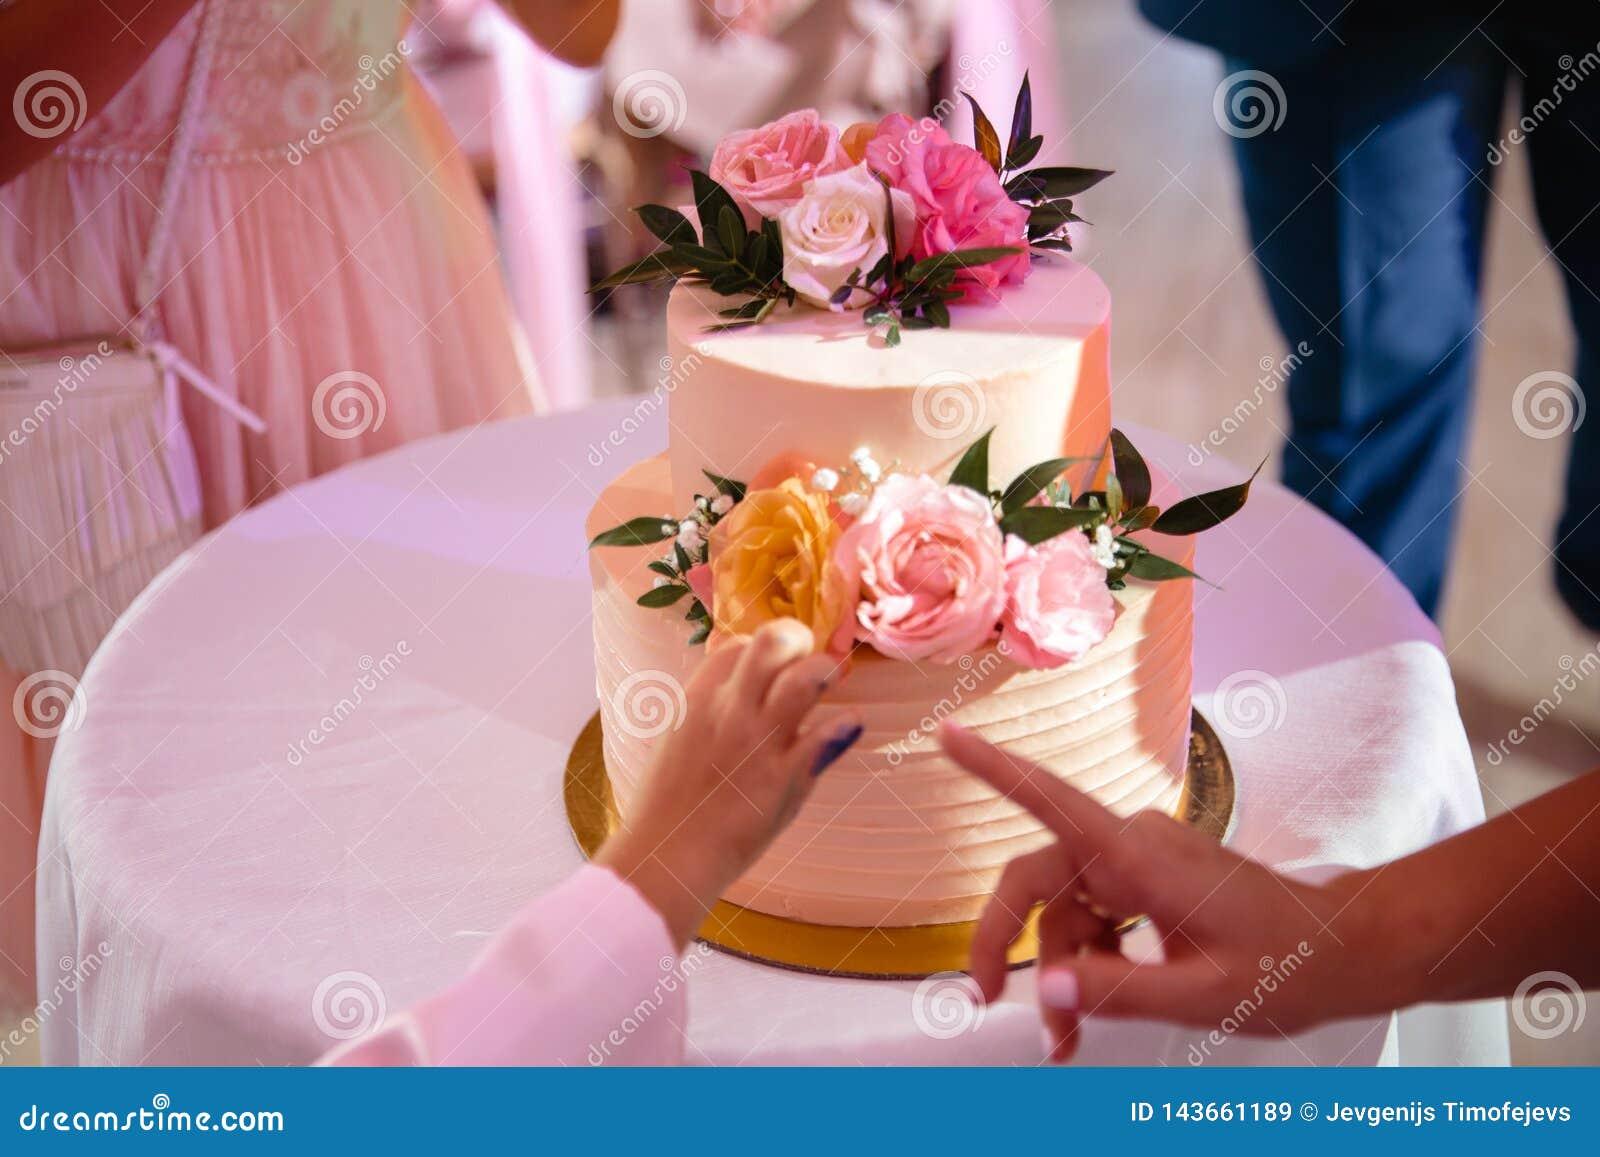 La mano di un bambino che pende verso la torta nunziale nello stile naturale ecologico - il suo genitore indica con il suo dito c